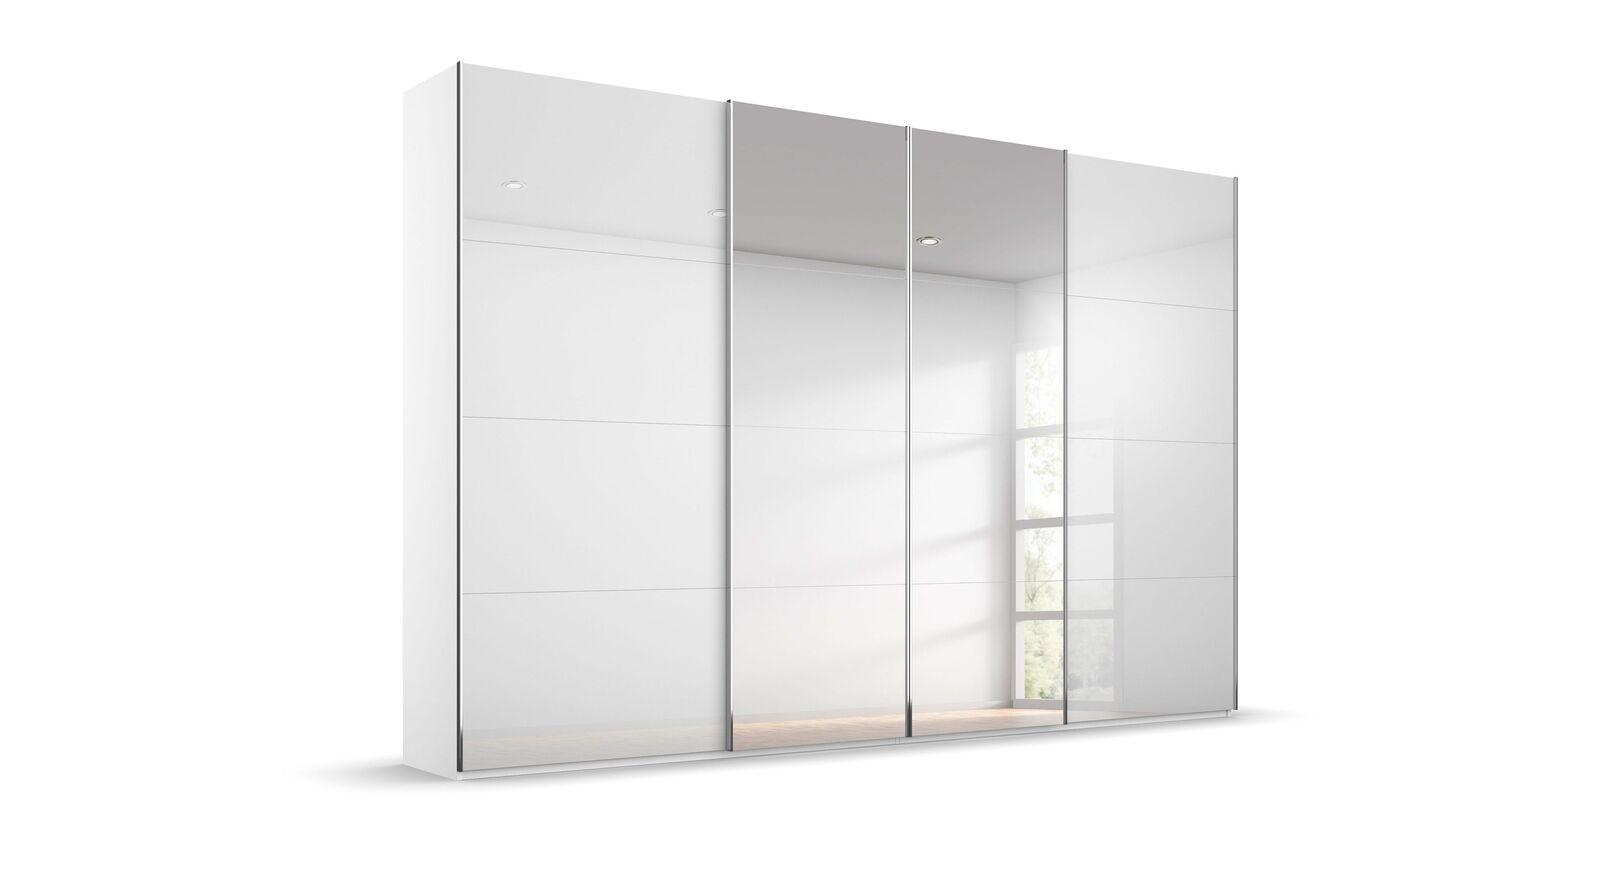 Schwebetüren-Kleiderschrank Pamina mit Spiegel und weißem Korpus